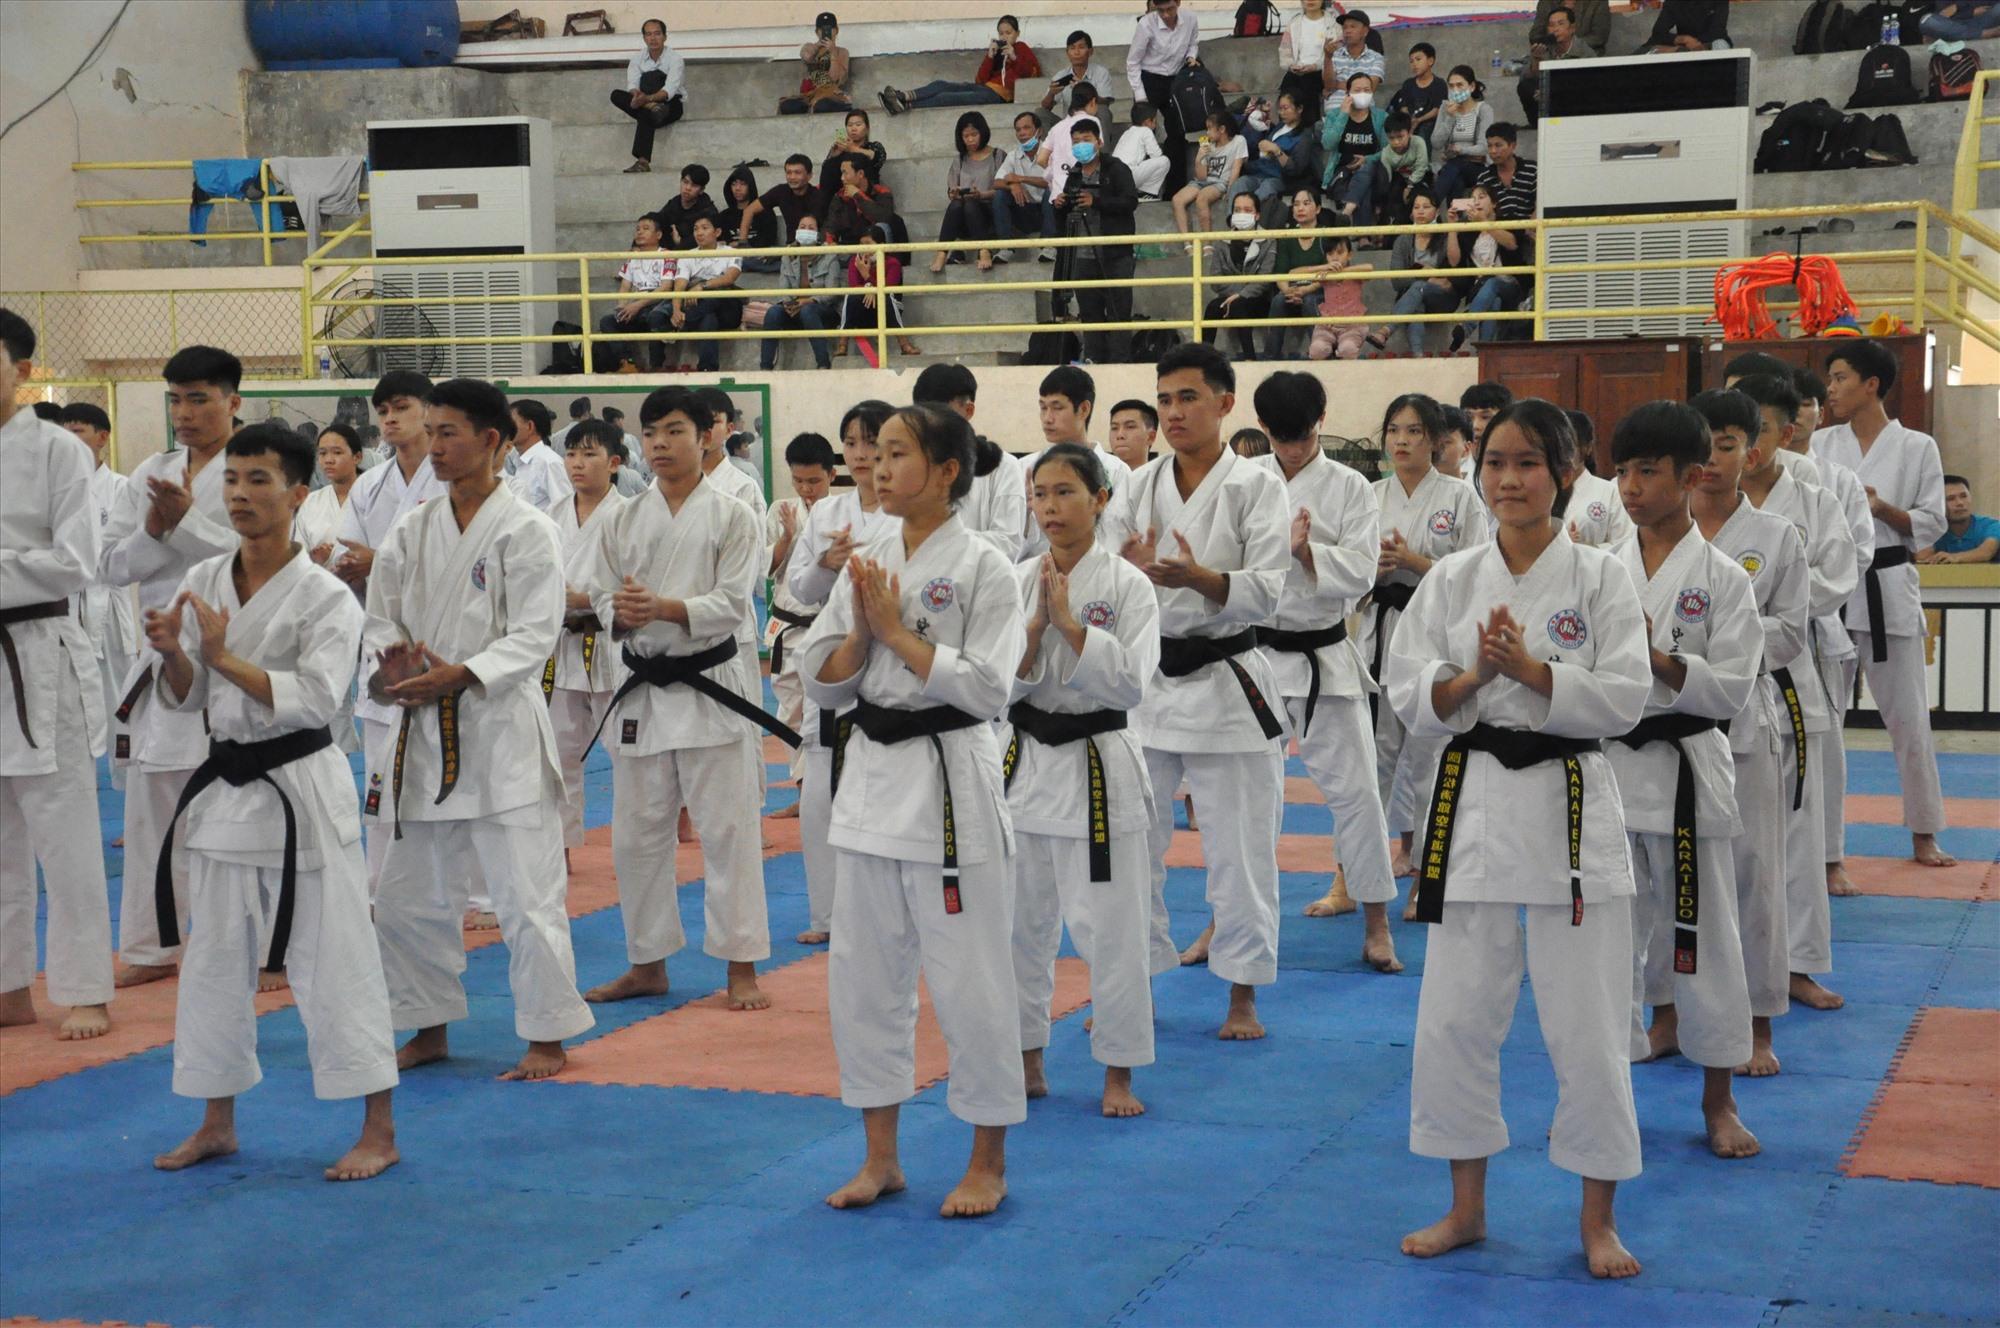 Có 137 võ sinh dự thi đến từ Quảng Nam, Quảng Ngãi và Đà Nẵng. Ảnh: T.V